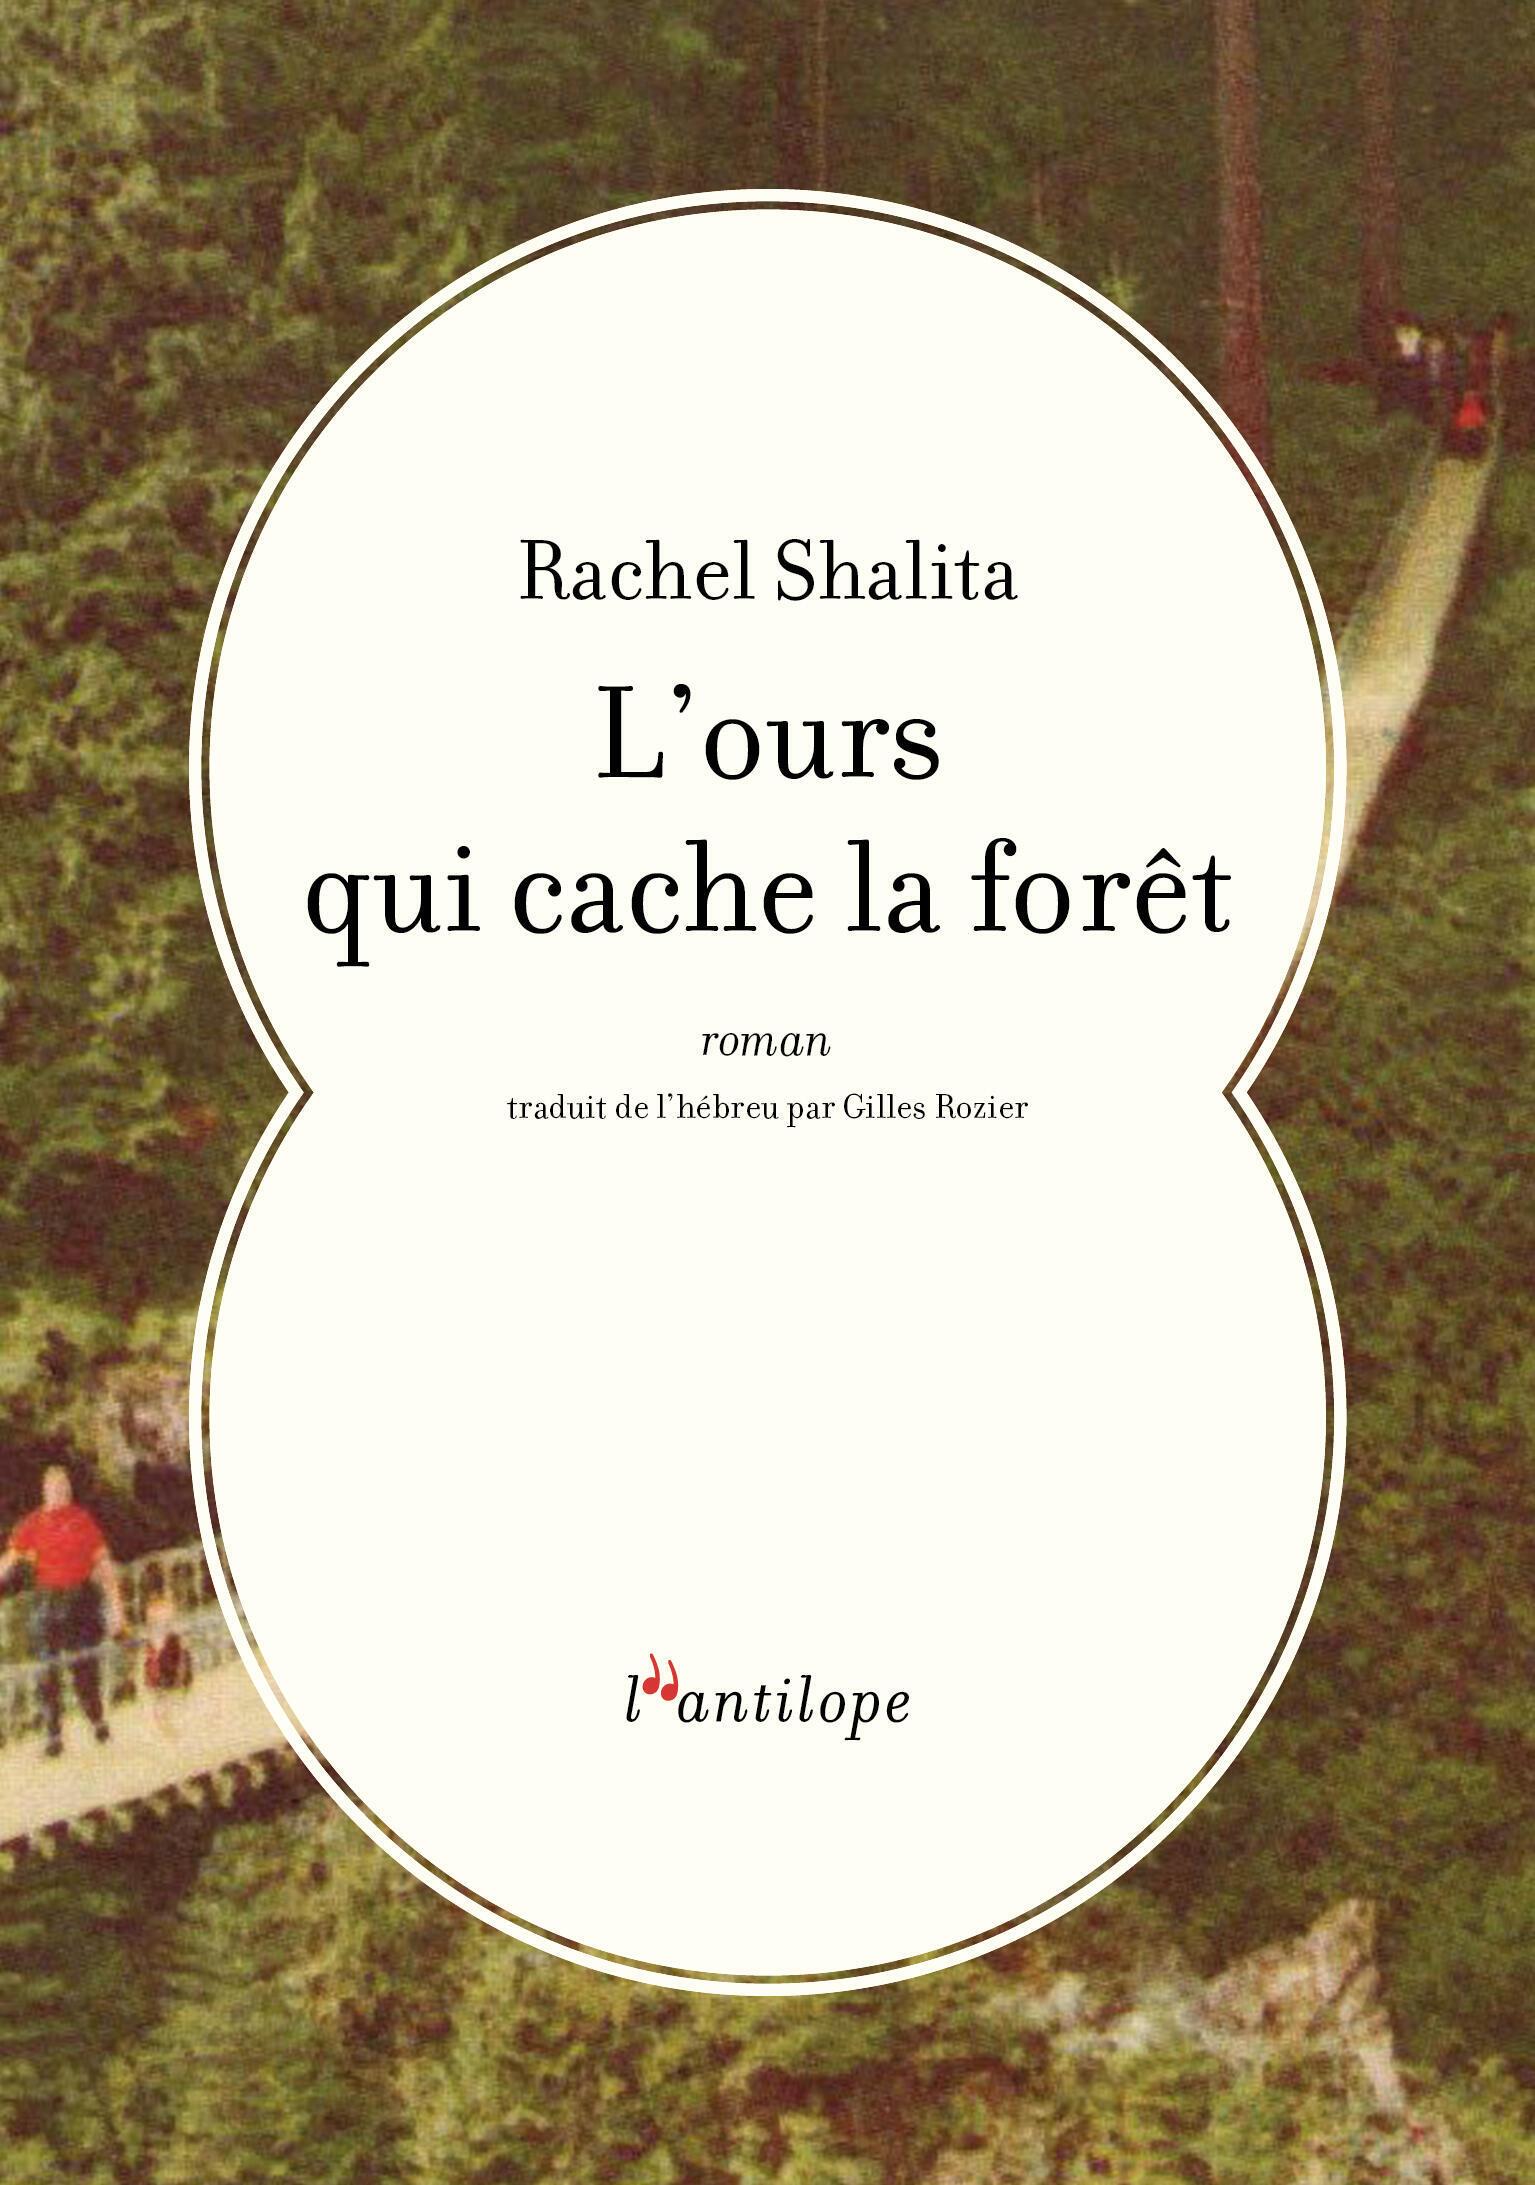 Couverture française du nouveau roman de Rachel Shalita